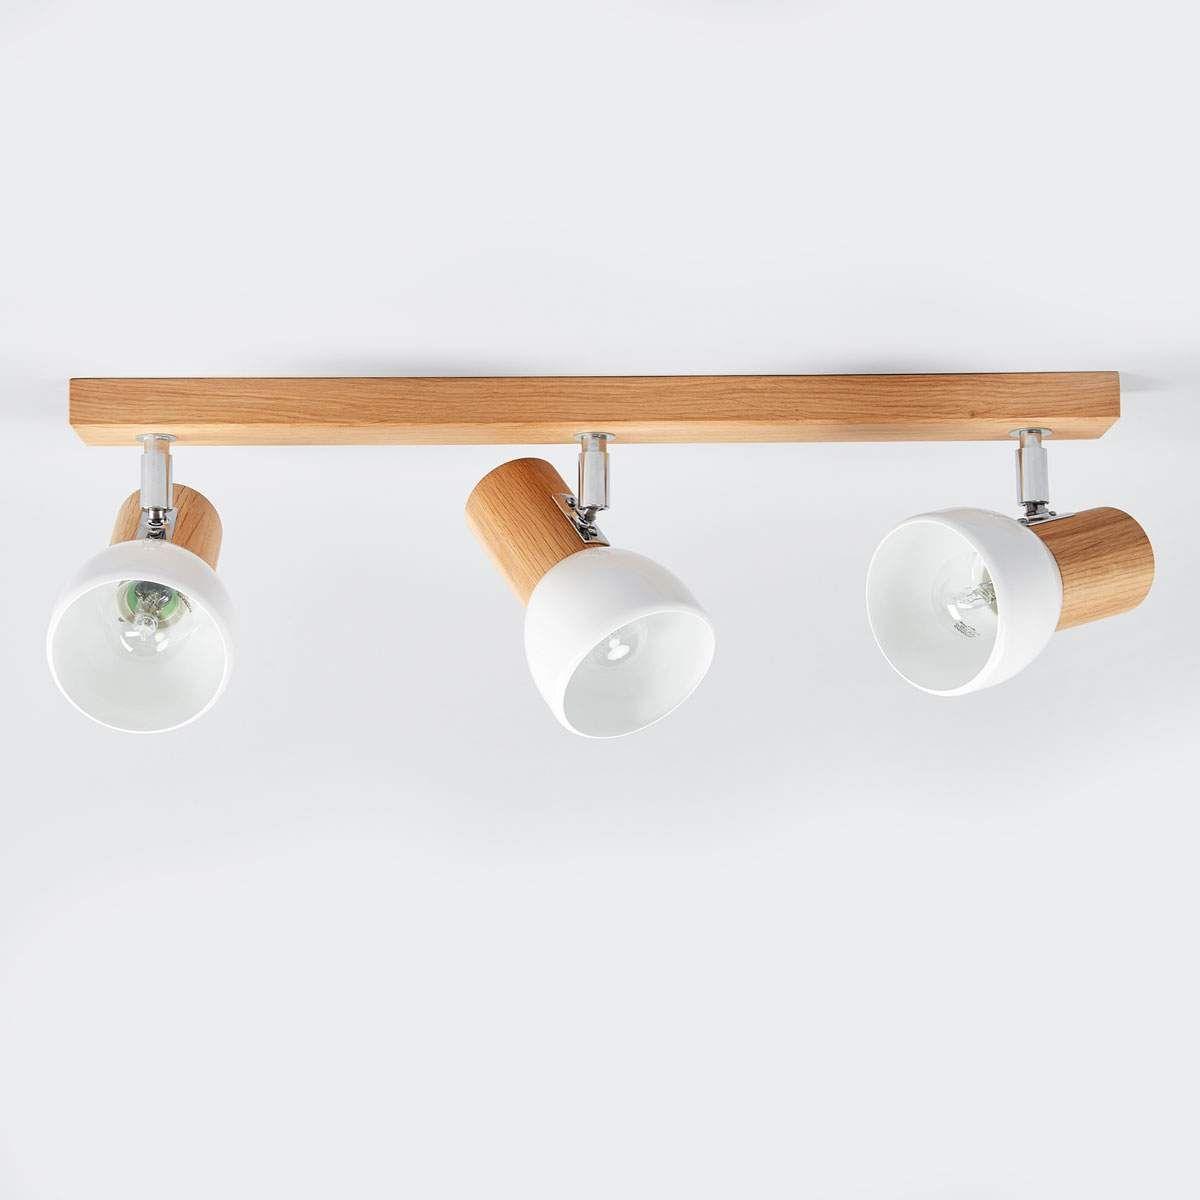 Svenda Dreiflammige Holz Deckenlampe Deckenlampe Lampe Lampenlicht